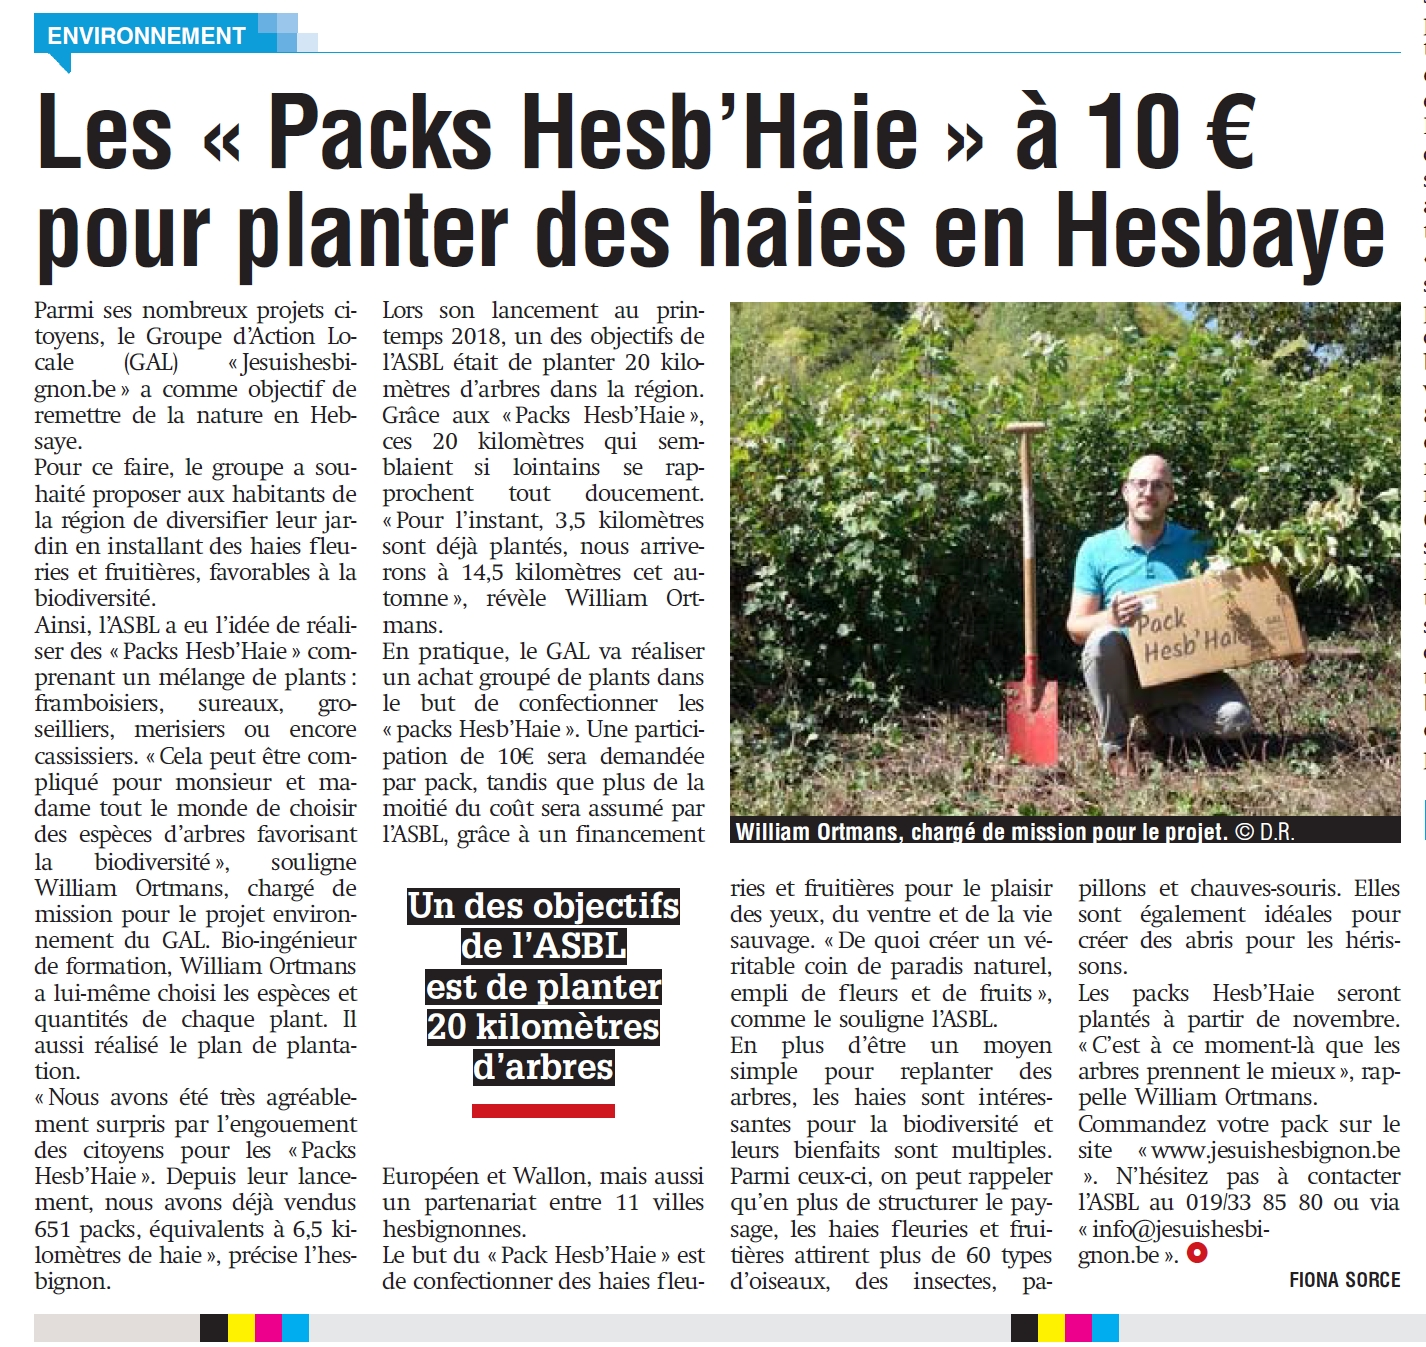 Le Pack Hesb'Haie dans La Meuse